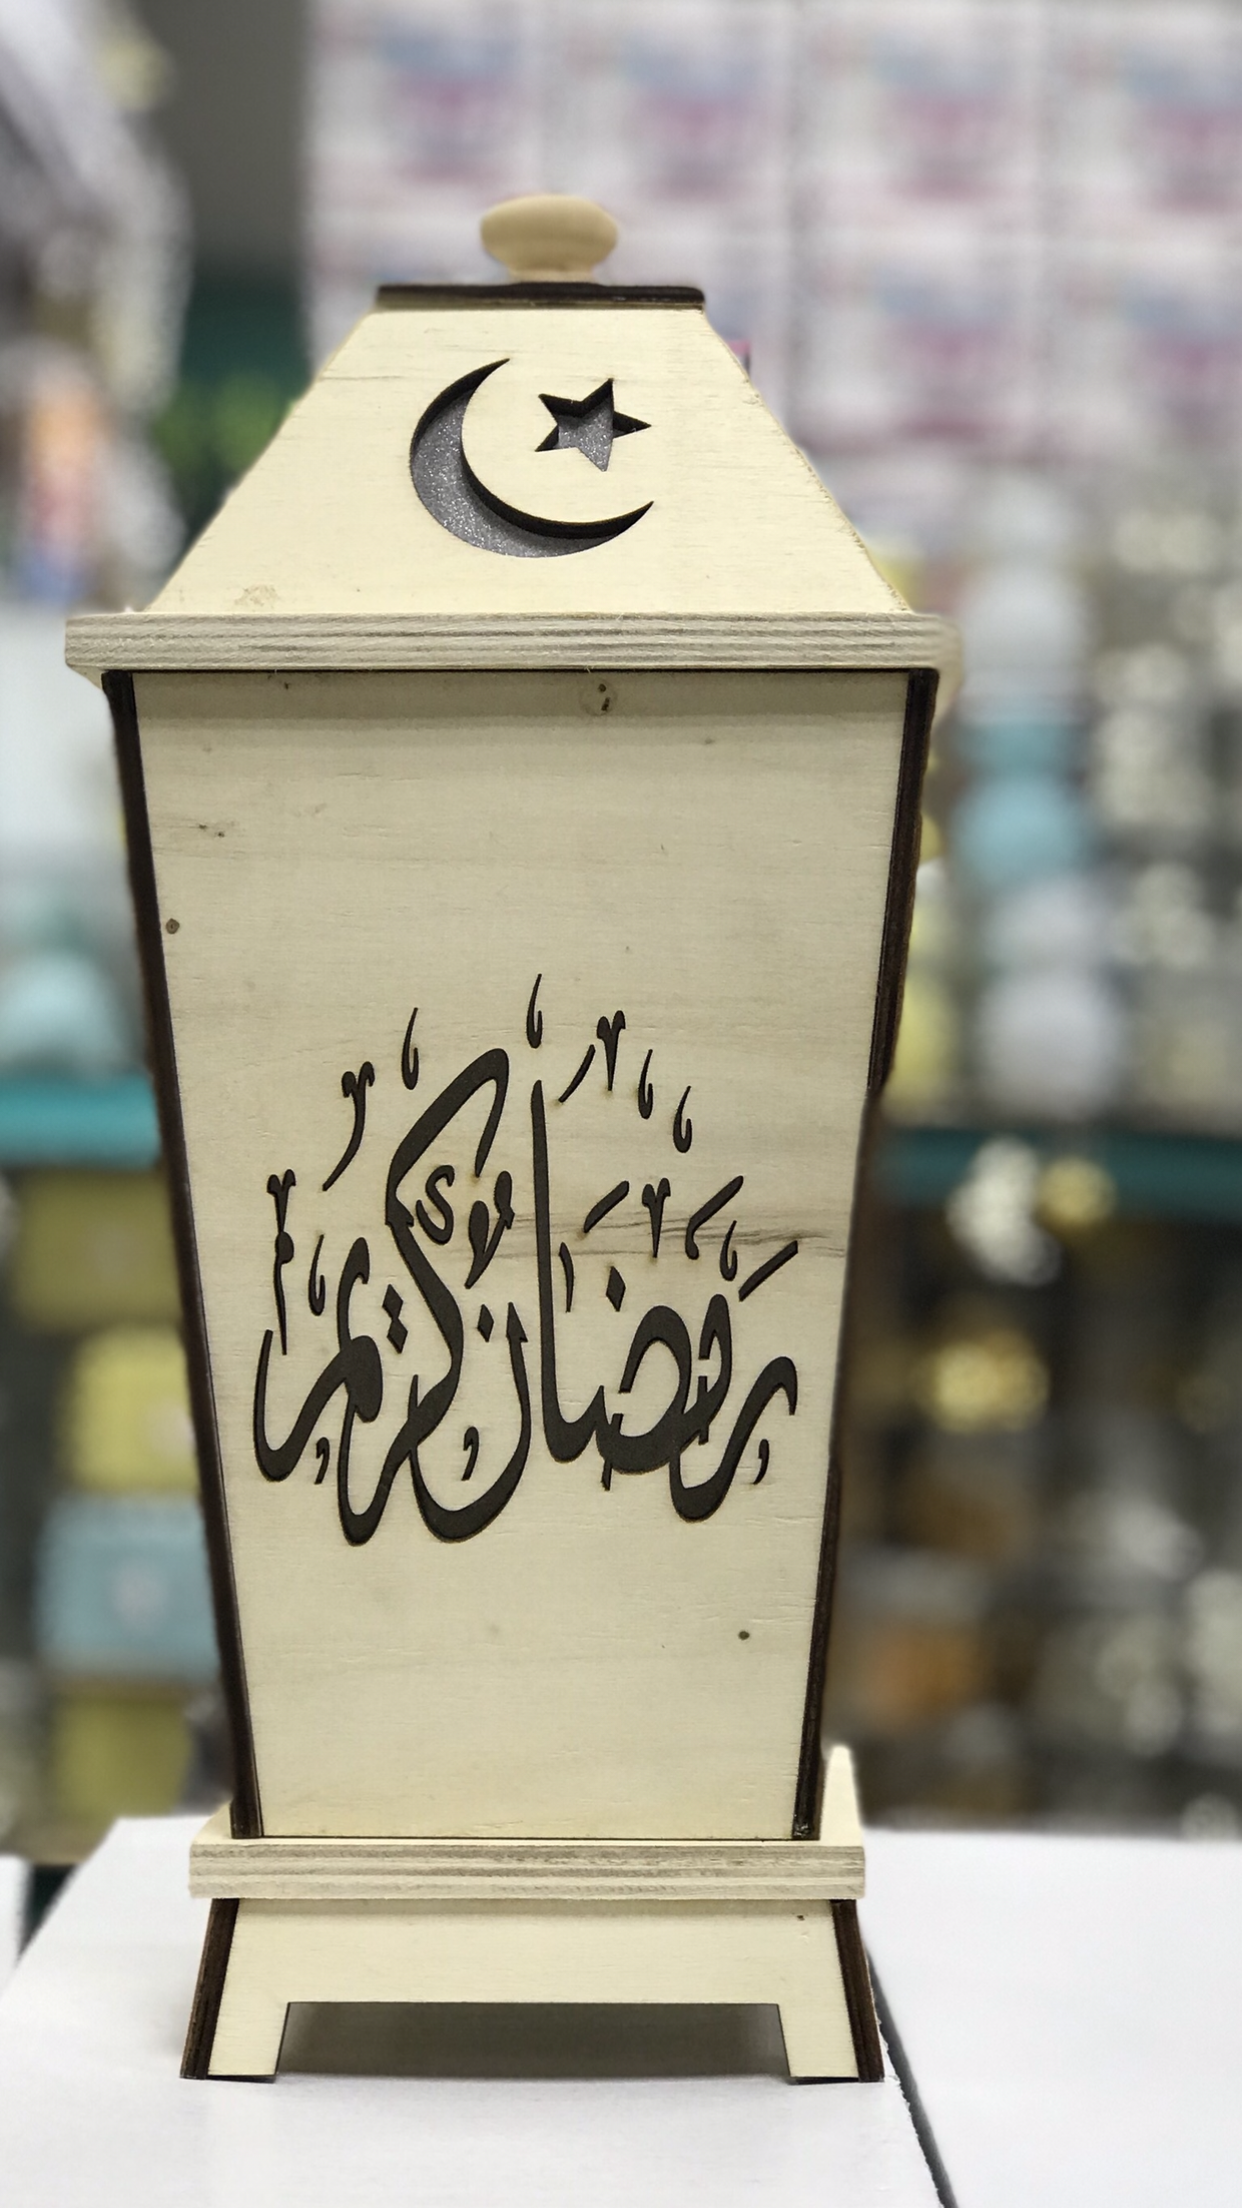 رمضان رمضان كريم رمضانيات مصباح تحفة تحف ديكور Novelty Sign Novelty Home Decor